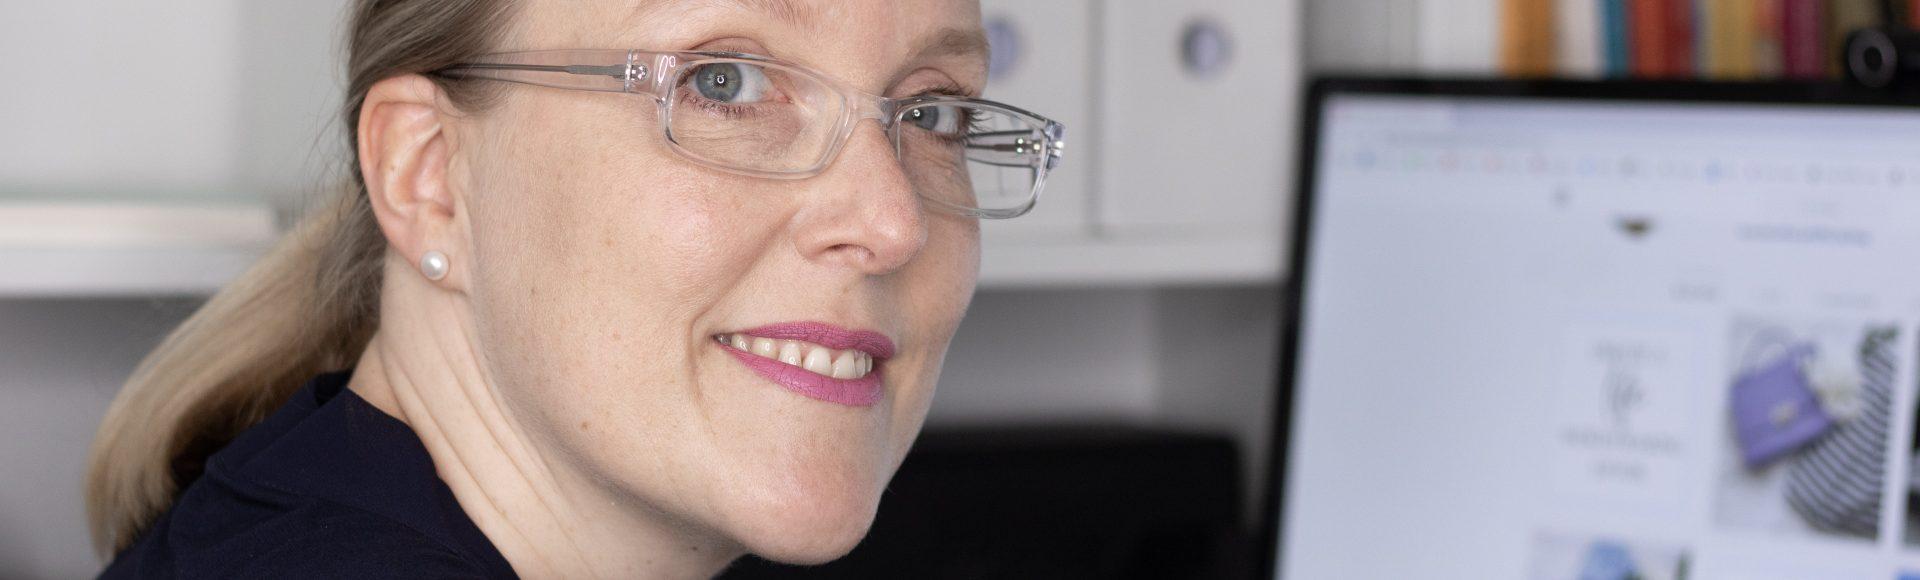 Bild zeigt Thea Pfeiffer bei der Arbeit am Computer